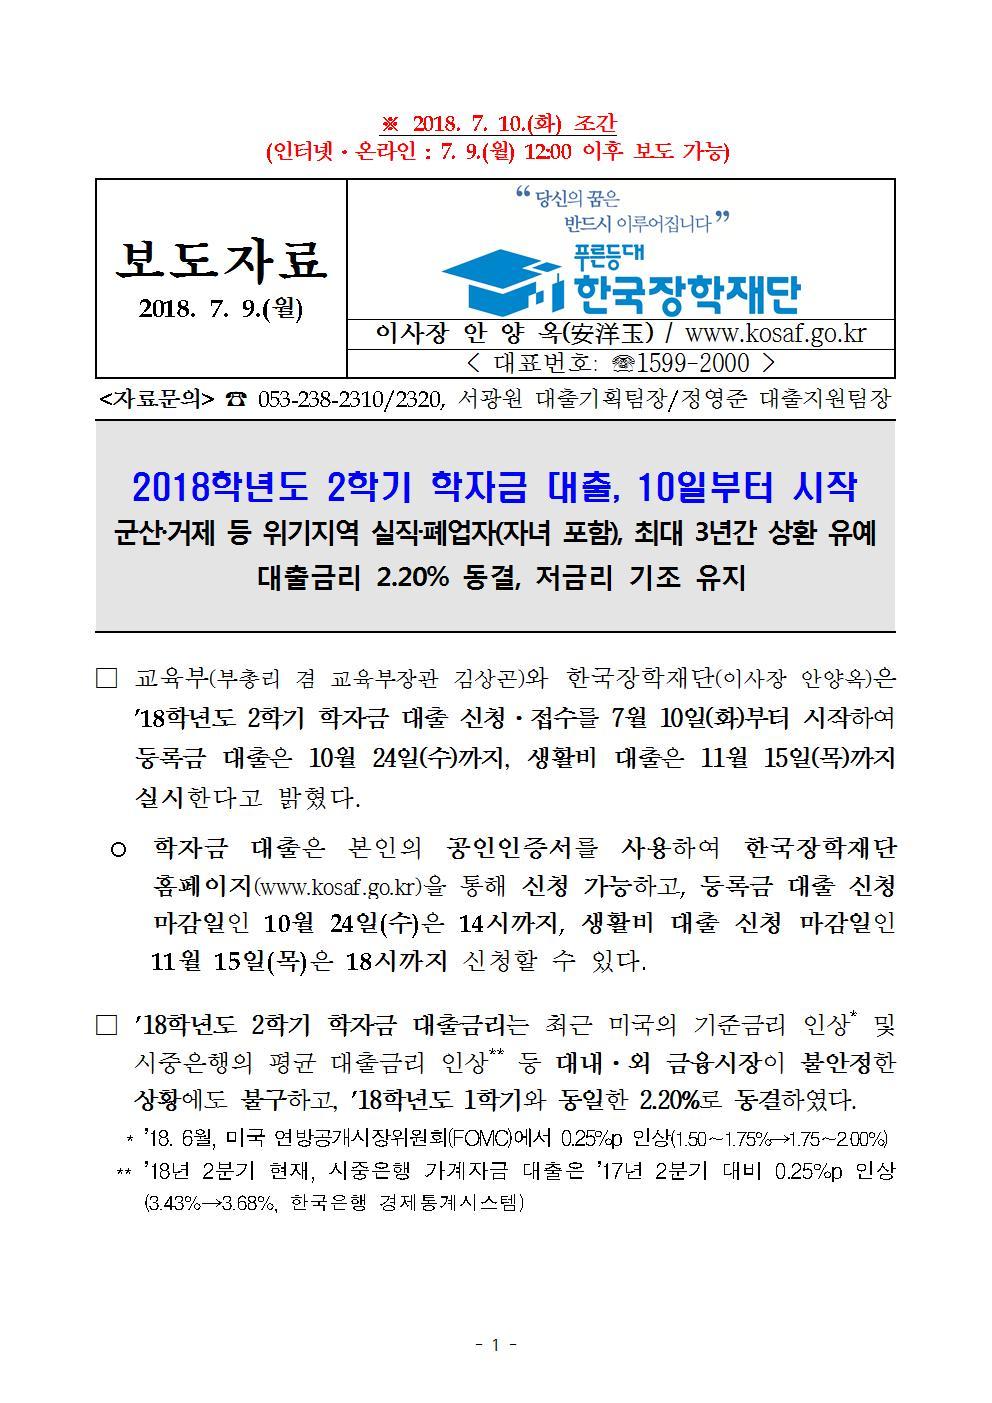 07-09(월)[보도자료] 18년 2학기 학자금대출 시행001.jpg